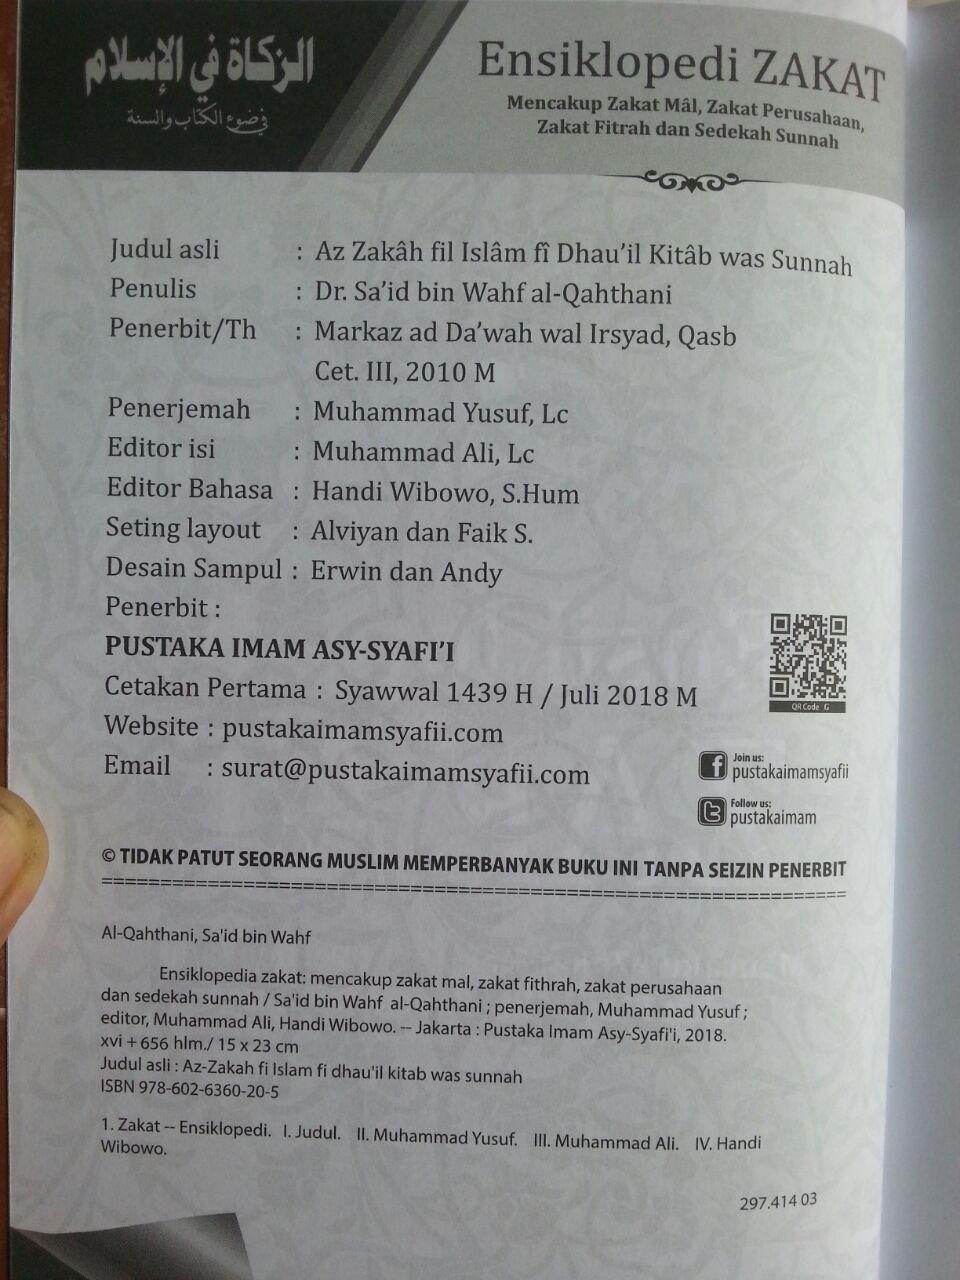 Buku Ensiklopedi Zakat Mencakup Zakat Mal Perusahaan Fitrah isi